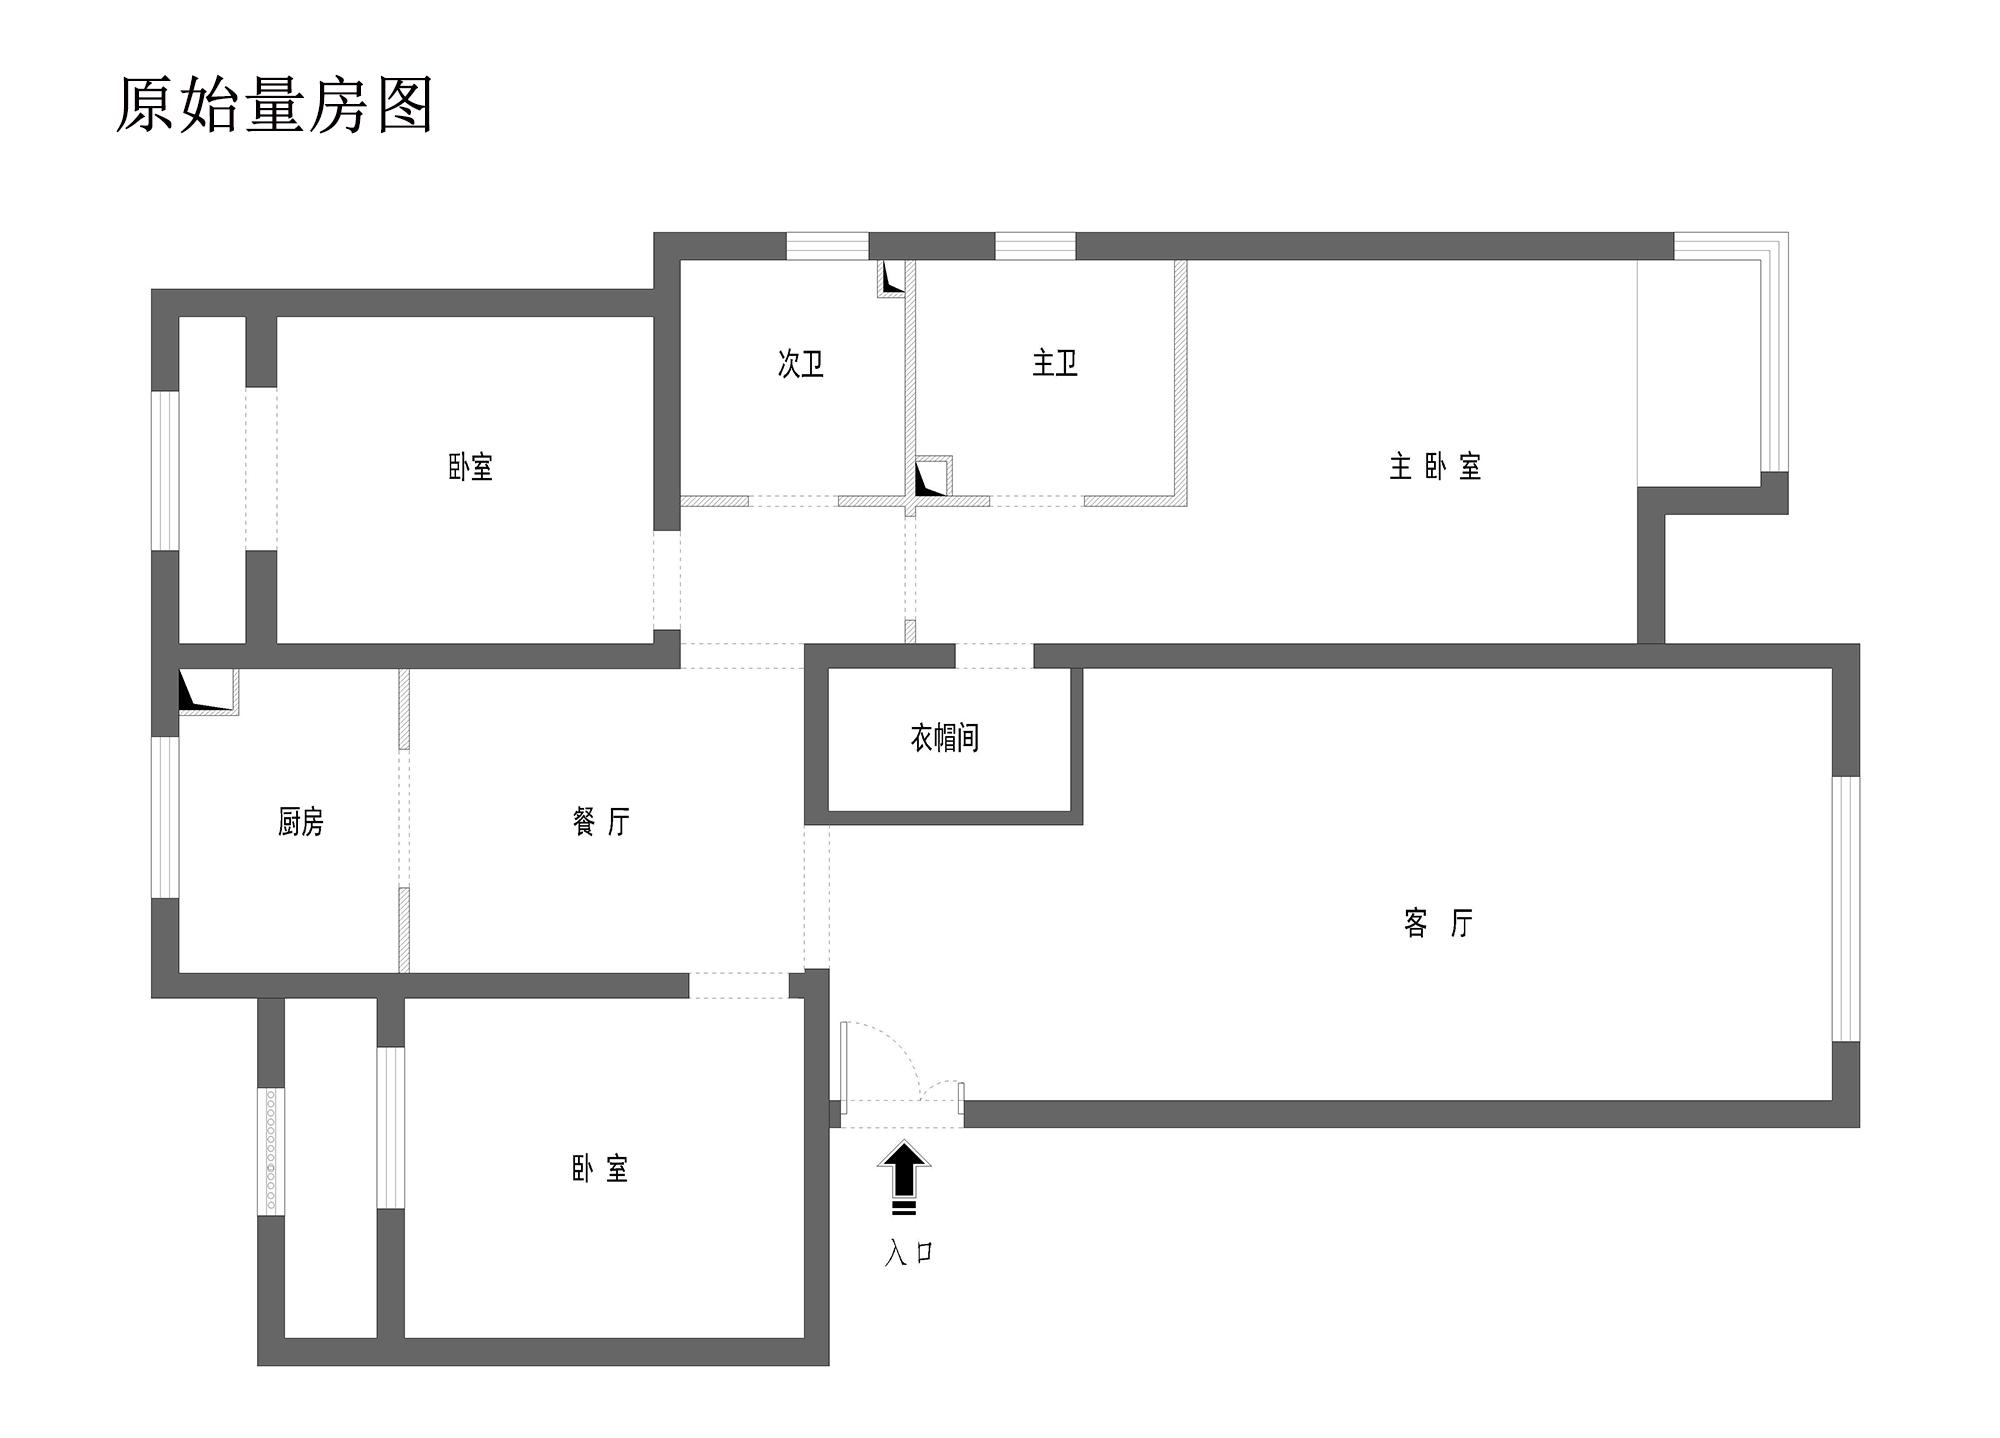 K2玉蘭灣  簡歐  家庭裝修  103平裝修設計理念